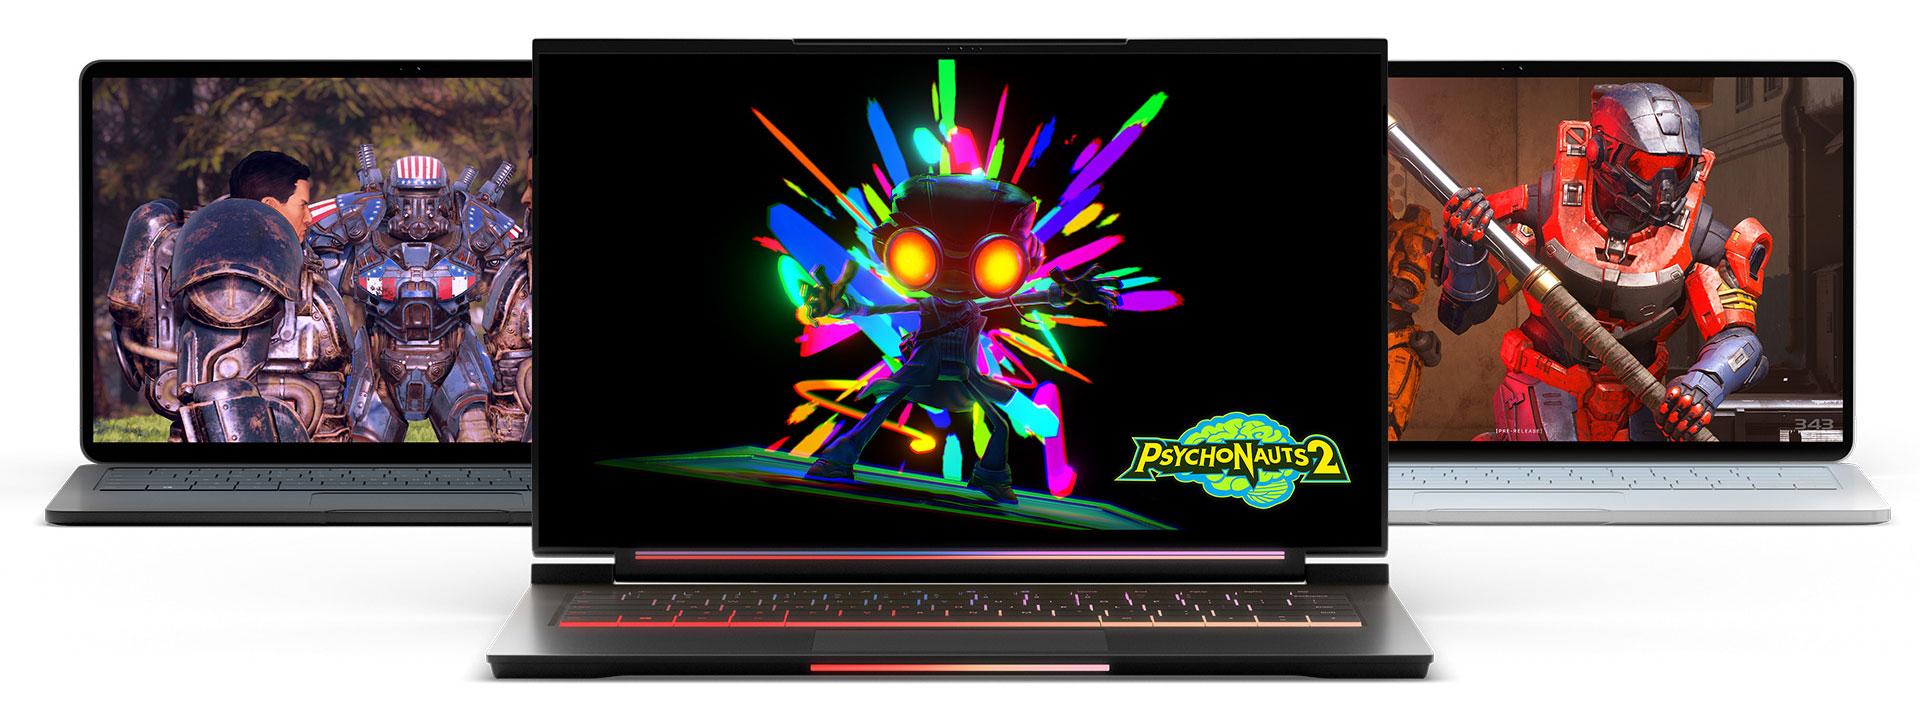 3 ноутбука с видеоиграми на экранах